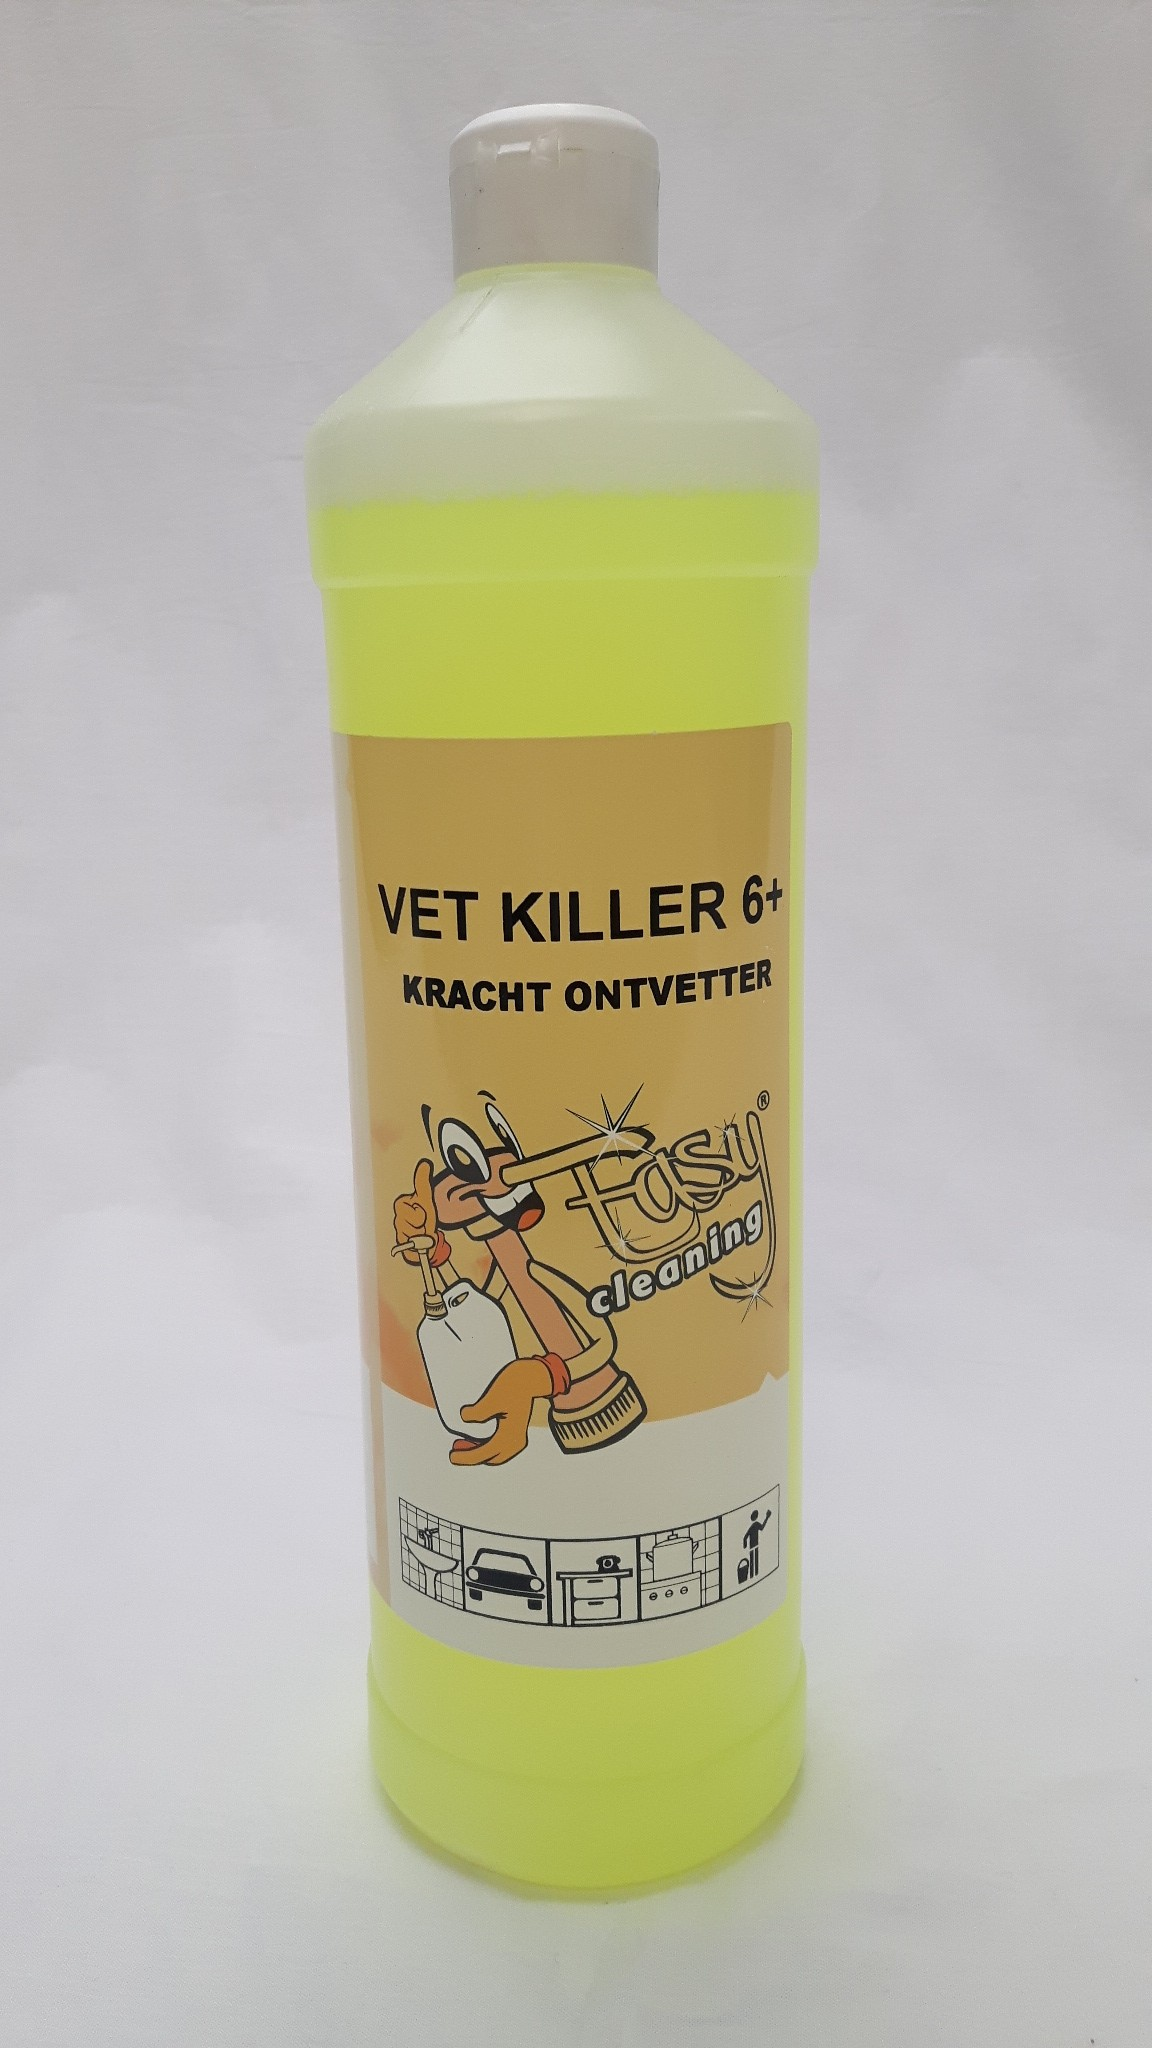 Vet Killer Nr. 6+ concentraat 1 liter